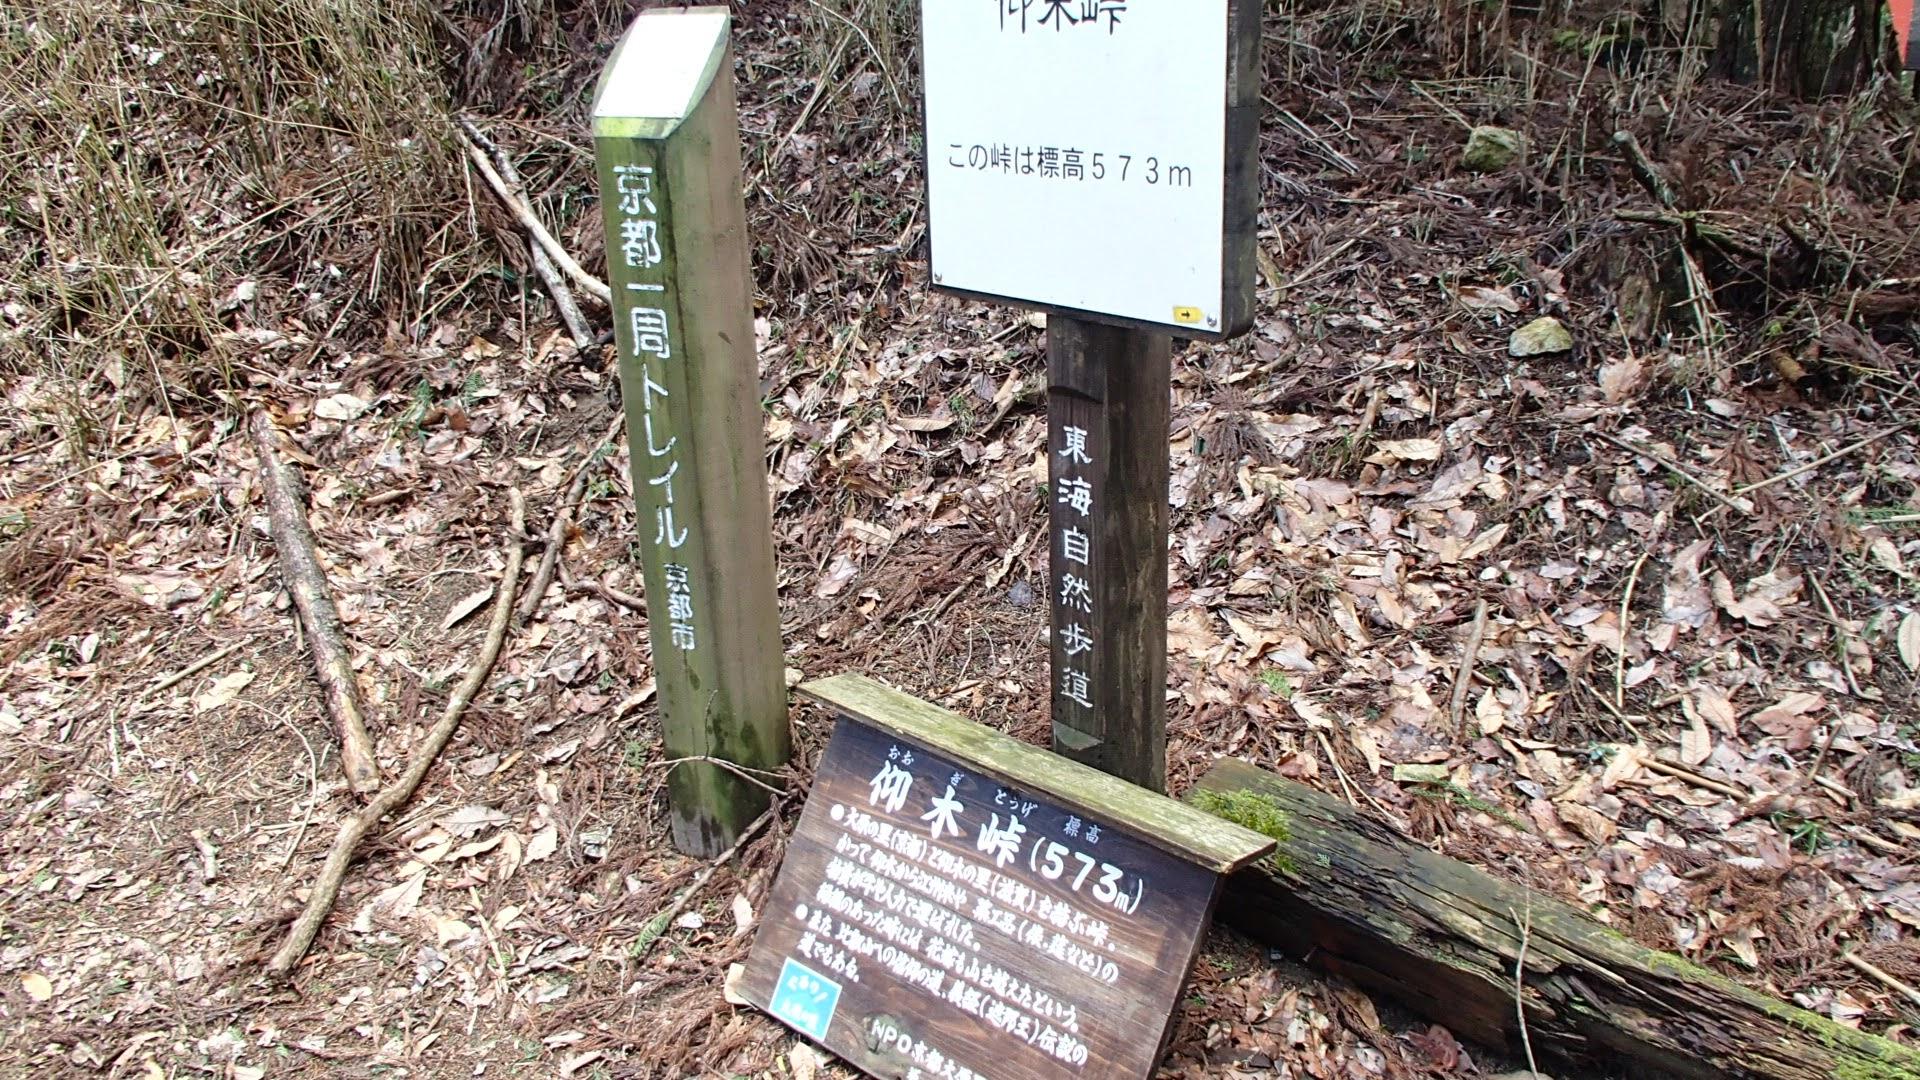 仰木峠(おおぎとうげ)